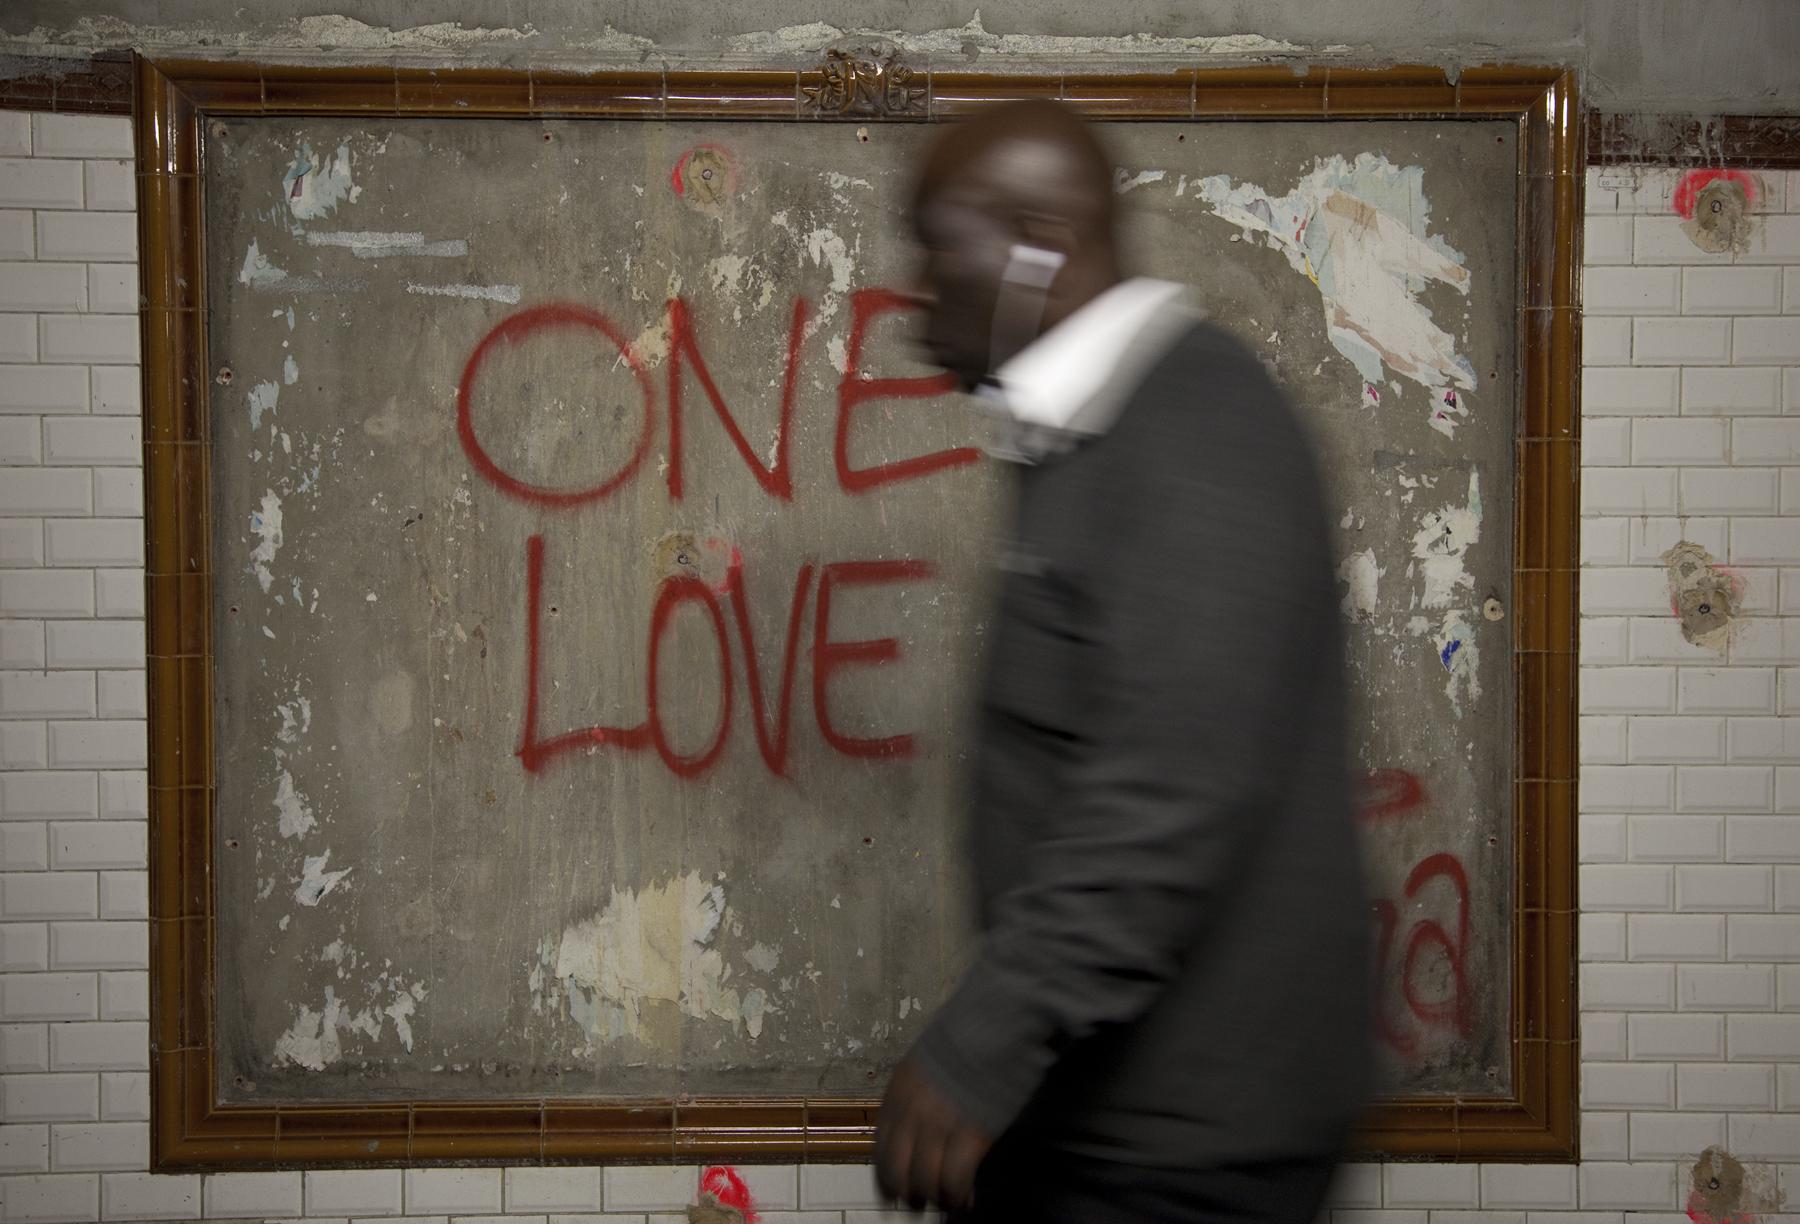 Anita_Modok_One Love Paris .jpg